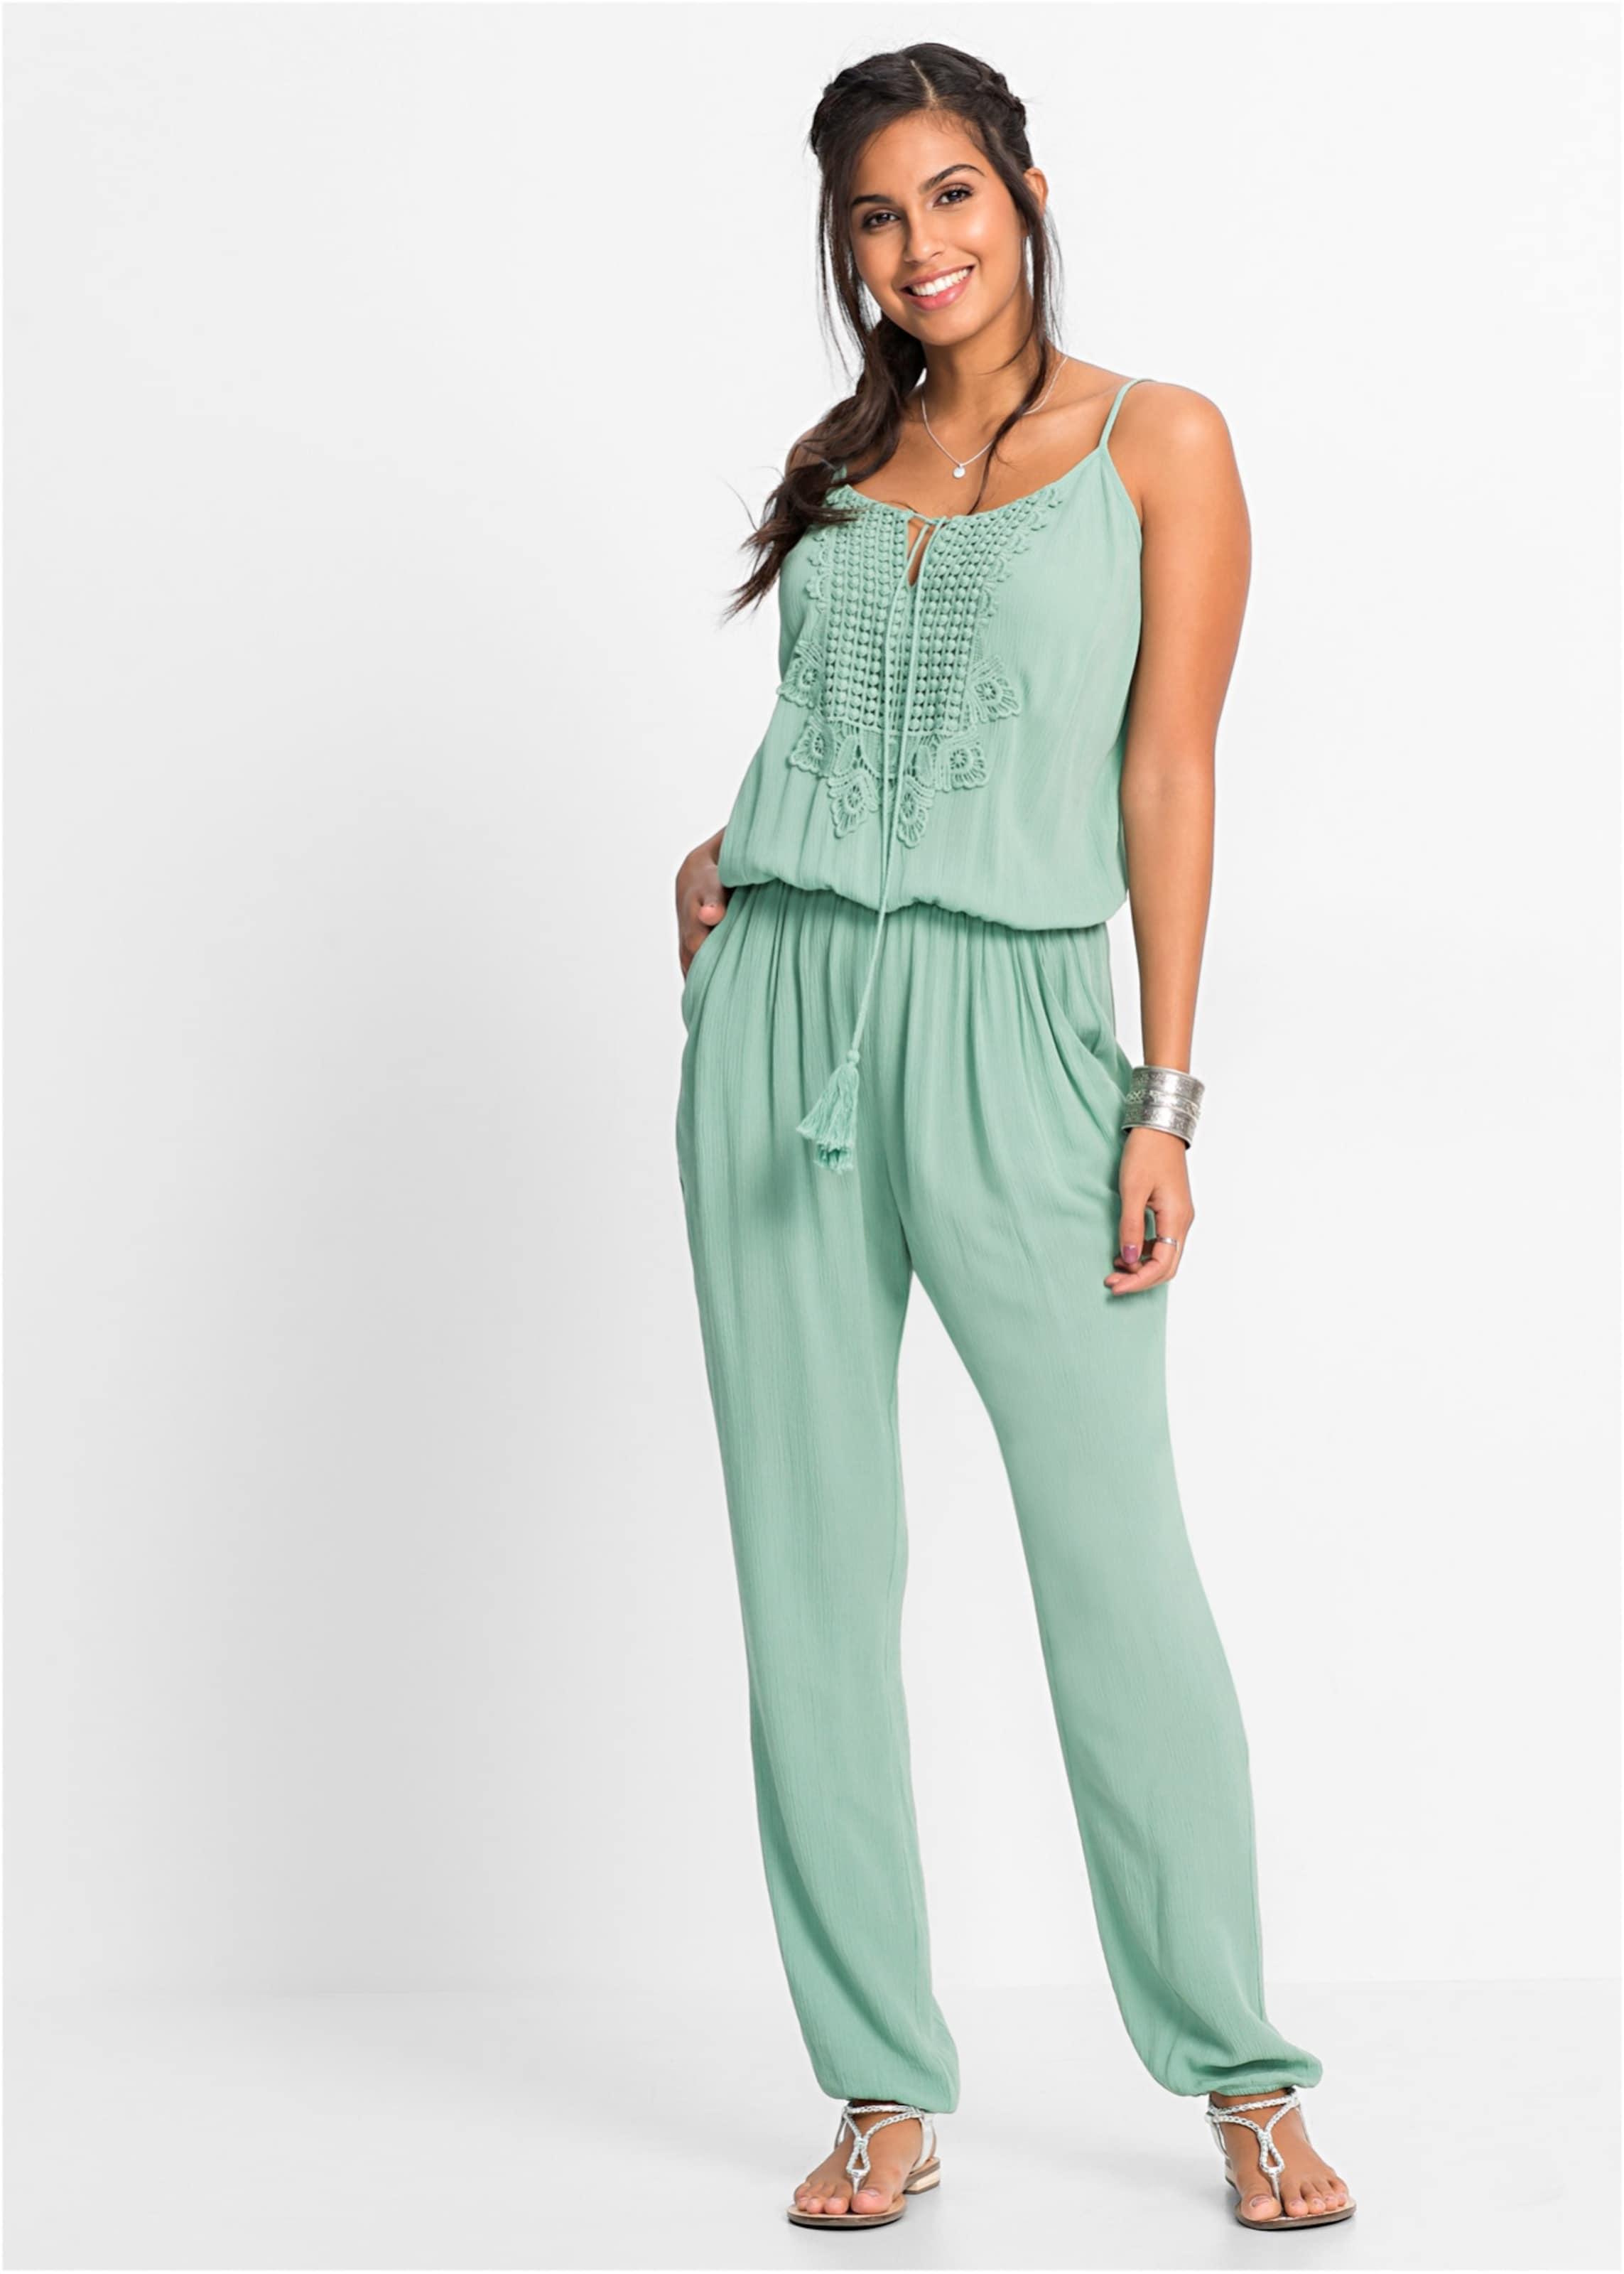 Räumungspreis genießen billiger Verkauf unverwechselbares Design Bonprix Jumpsuit Mit In Mint Lsmgqpuzv Spitze Casqrl435j ...